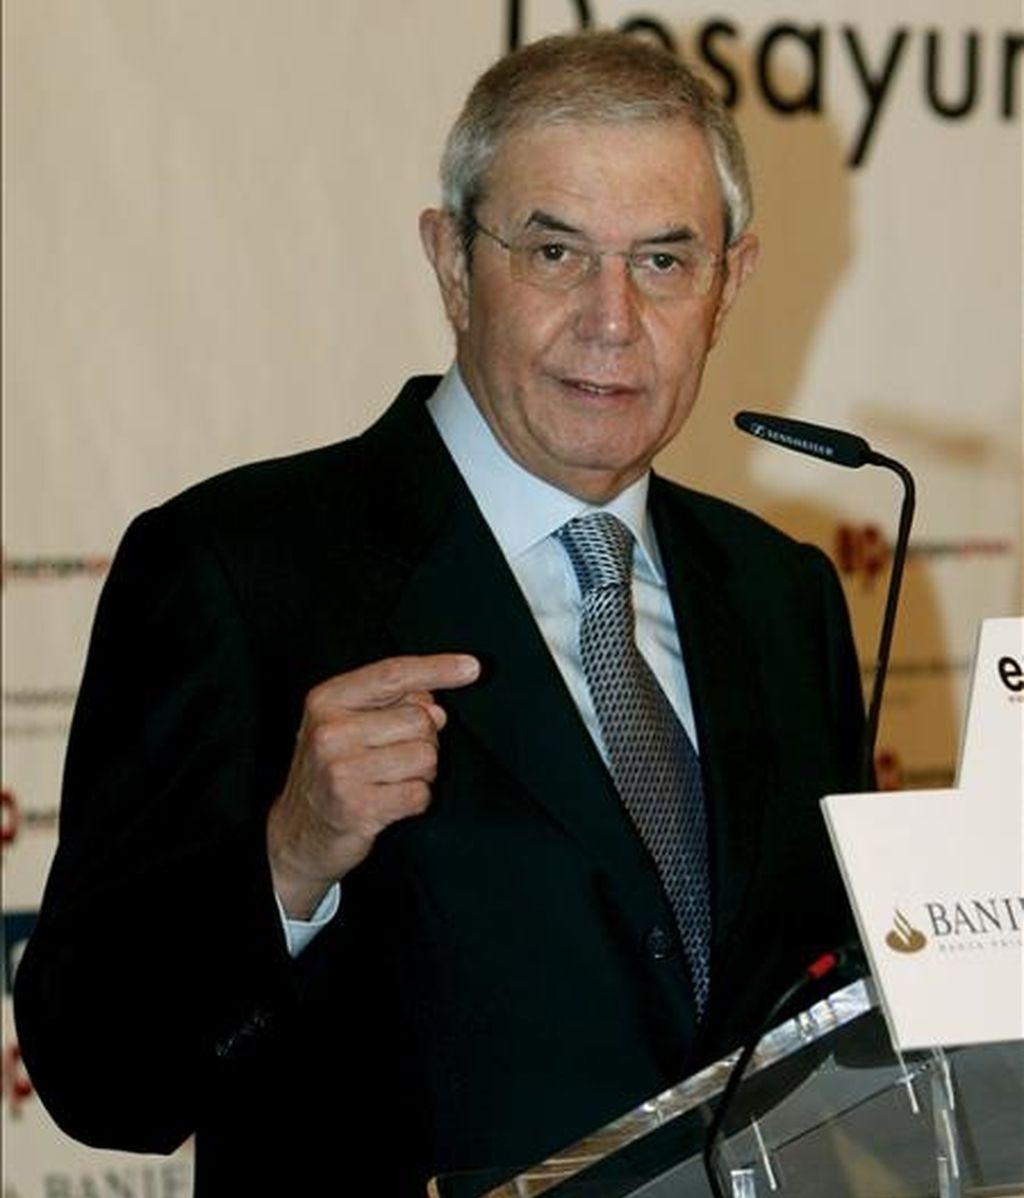 El presidente de la Xunta de Galicia, Emilio Pérez Touriño, durante su intervención en los desayunos informativos de Europa Press celebrados hoy en  Madrid. EFE